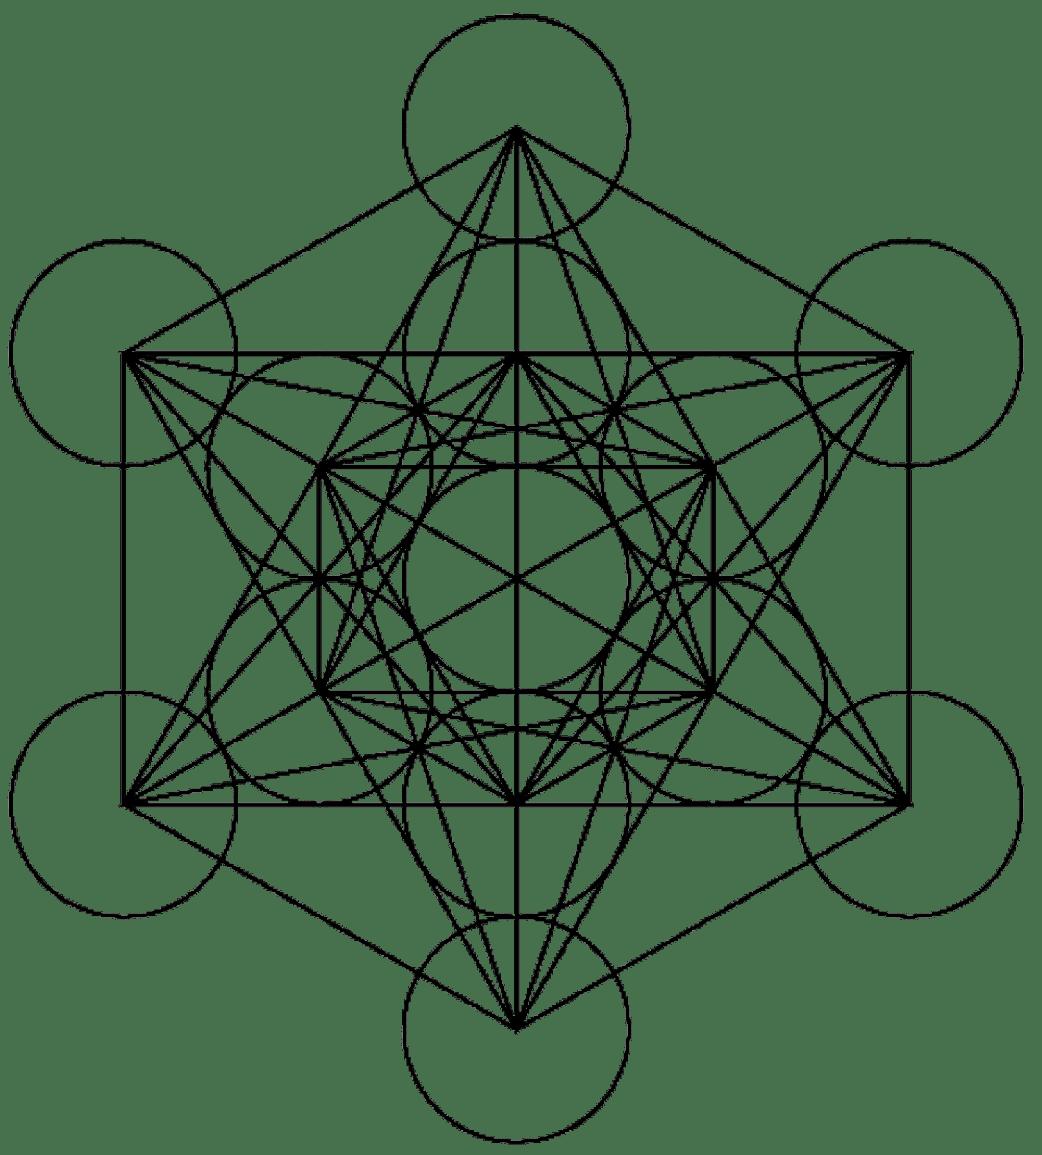 Metatrons Würfel | Christina Rancke |Yonanda la Tura